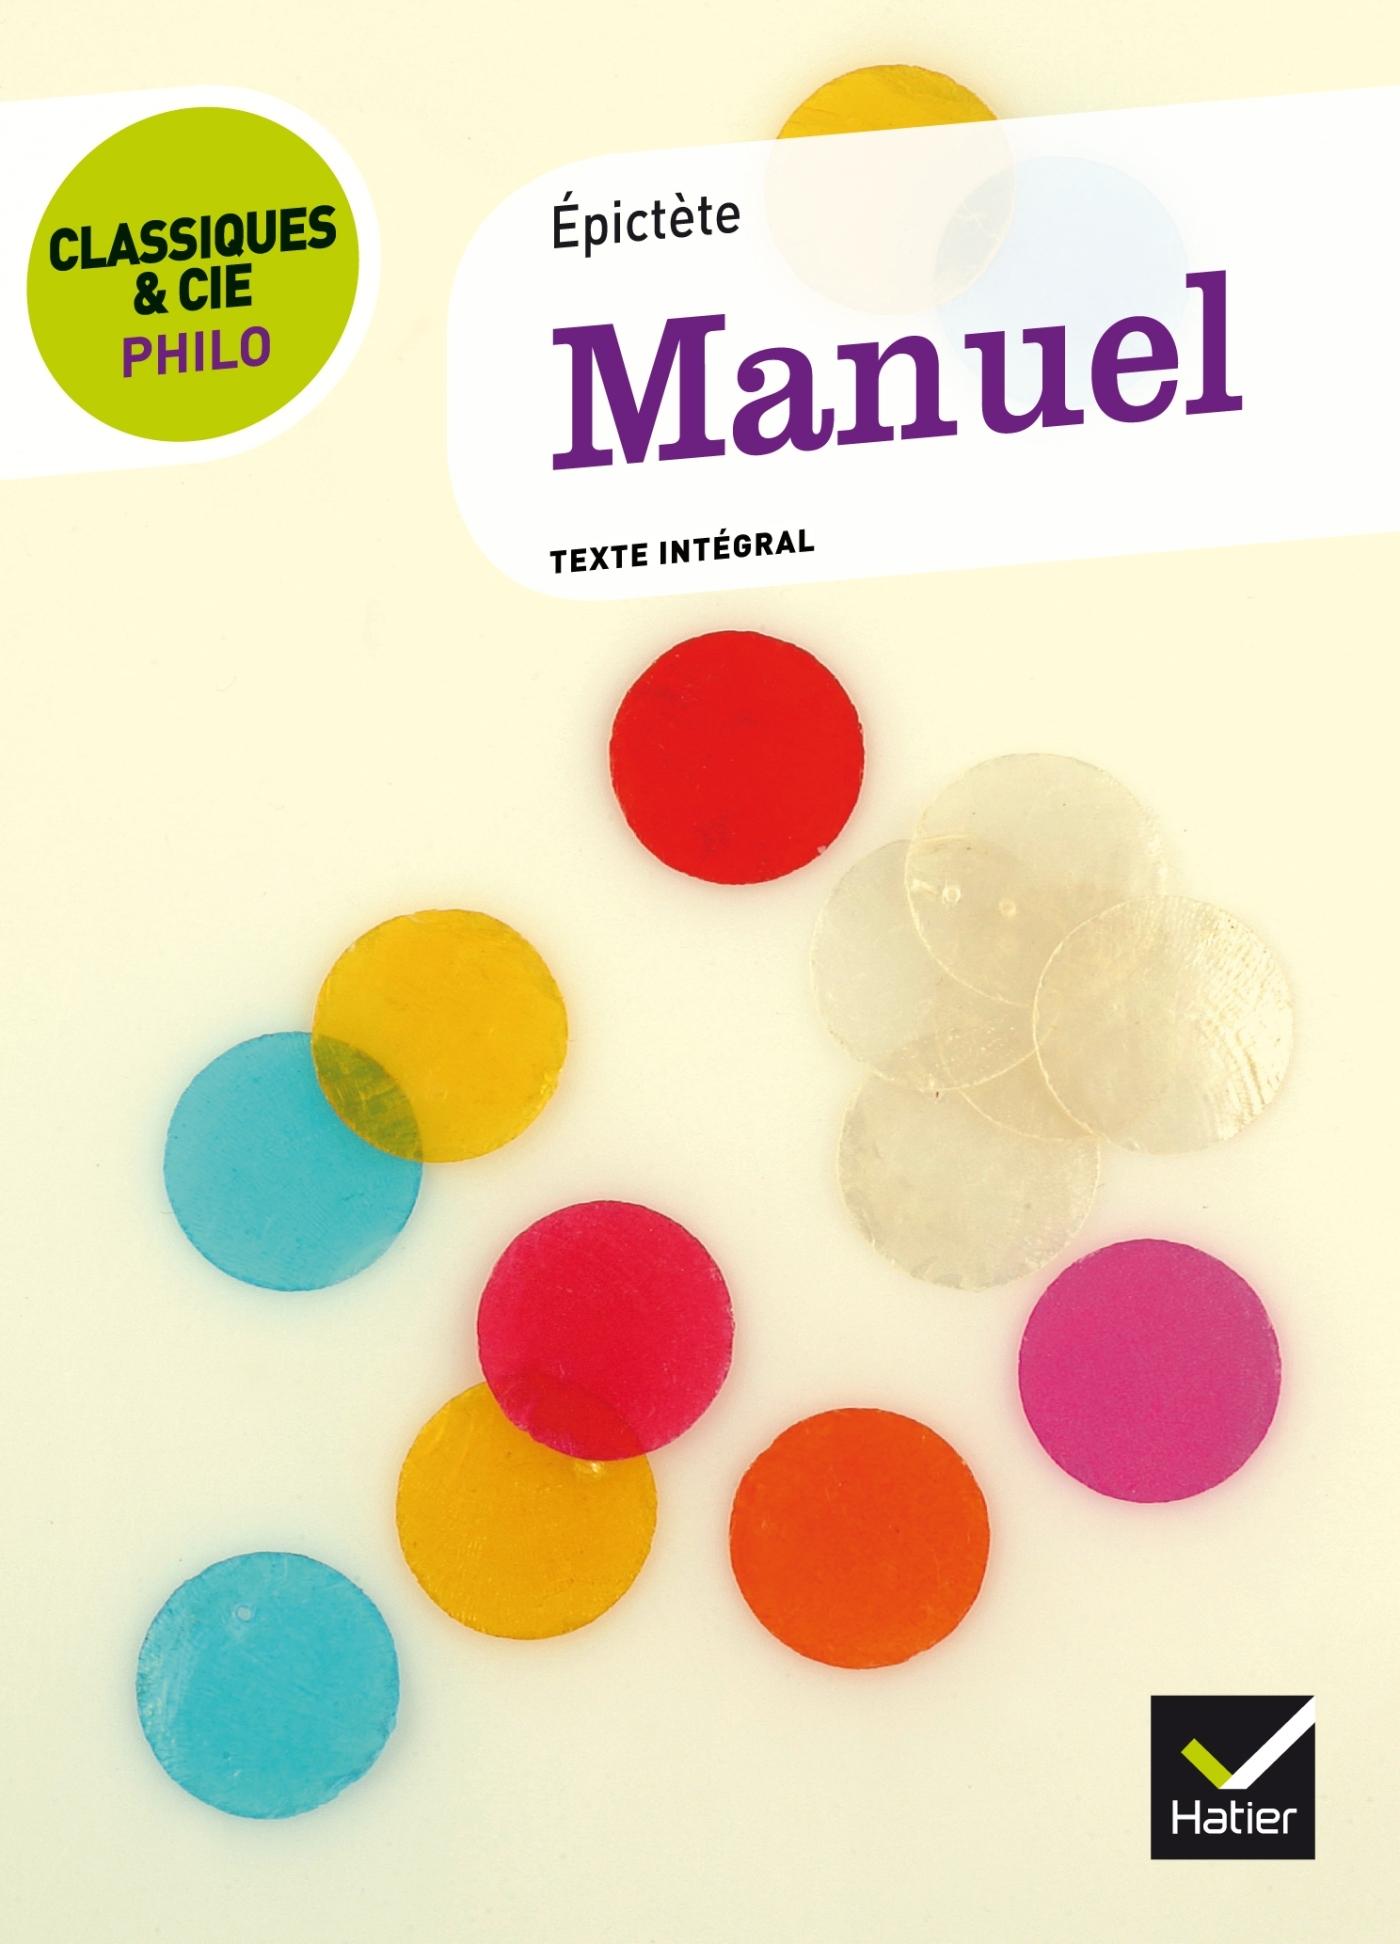 MANUEL (EPICTETE)